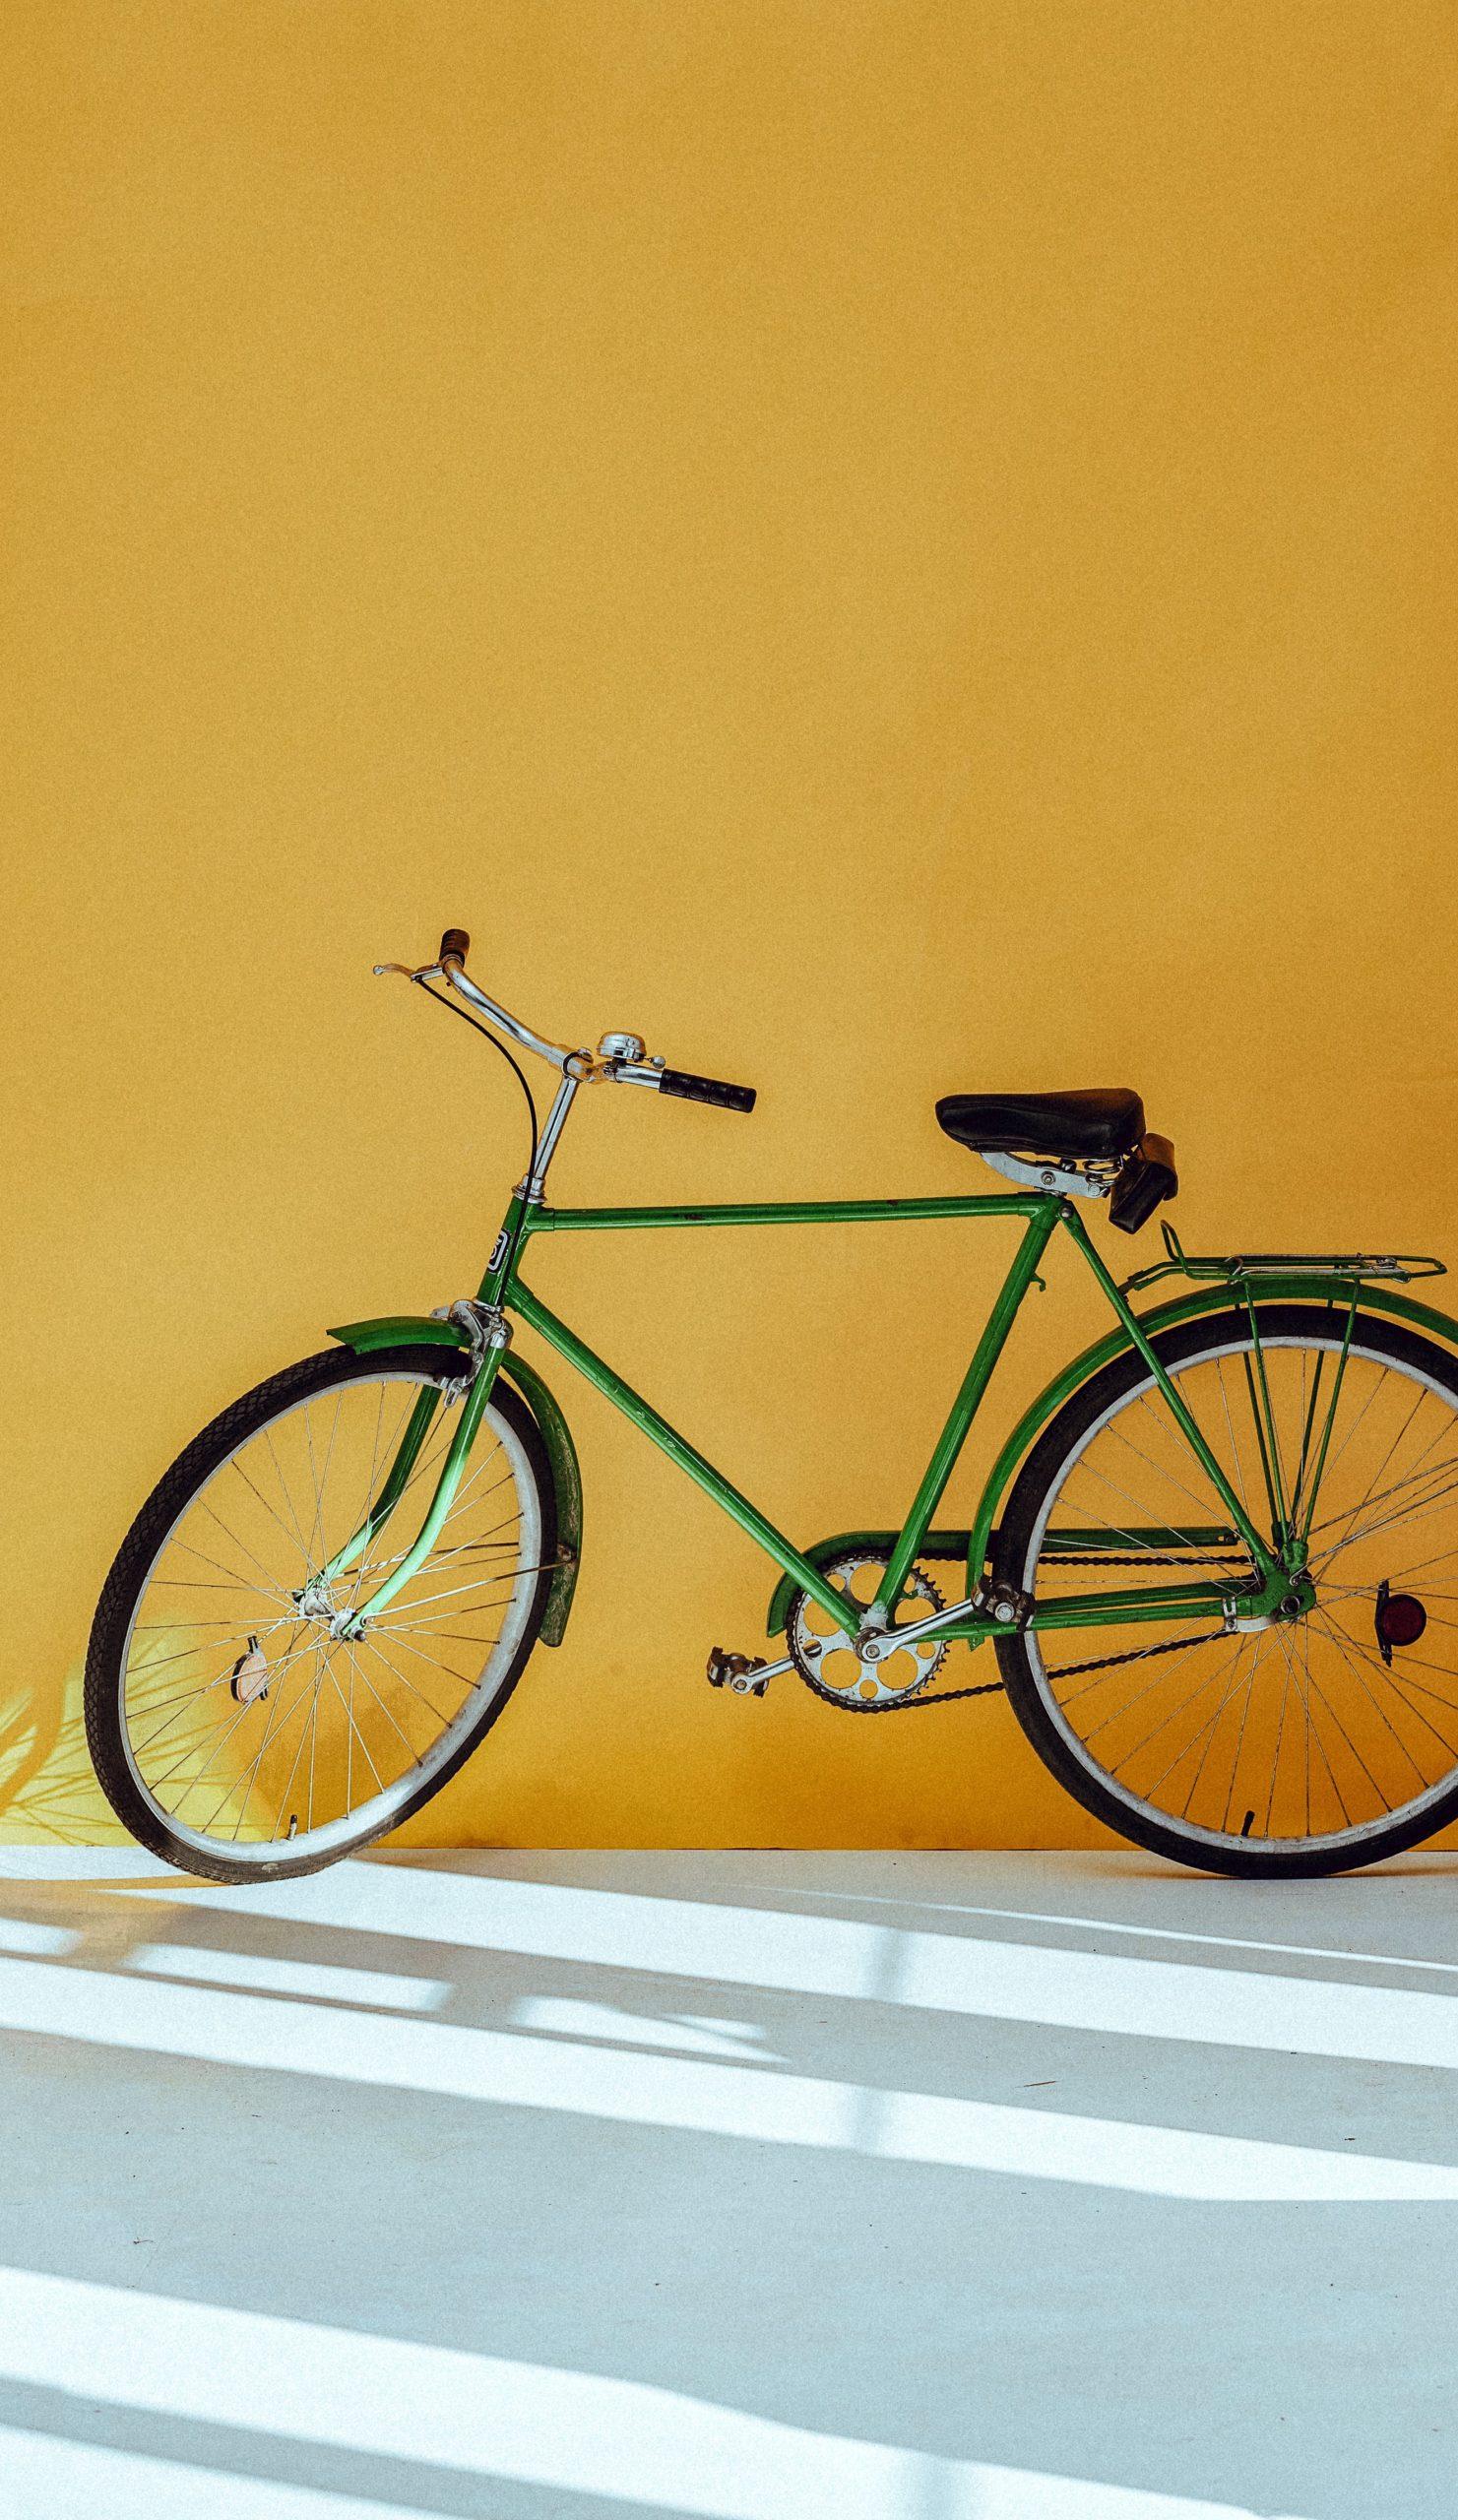 fiets-groen-oranje